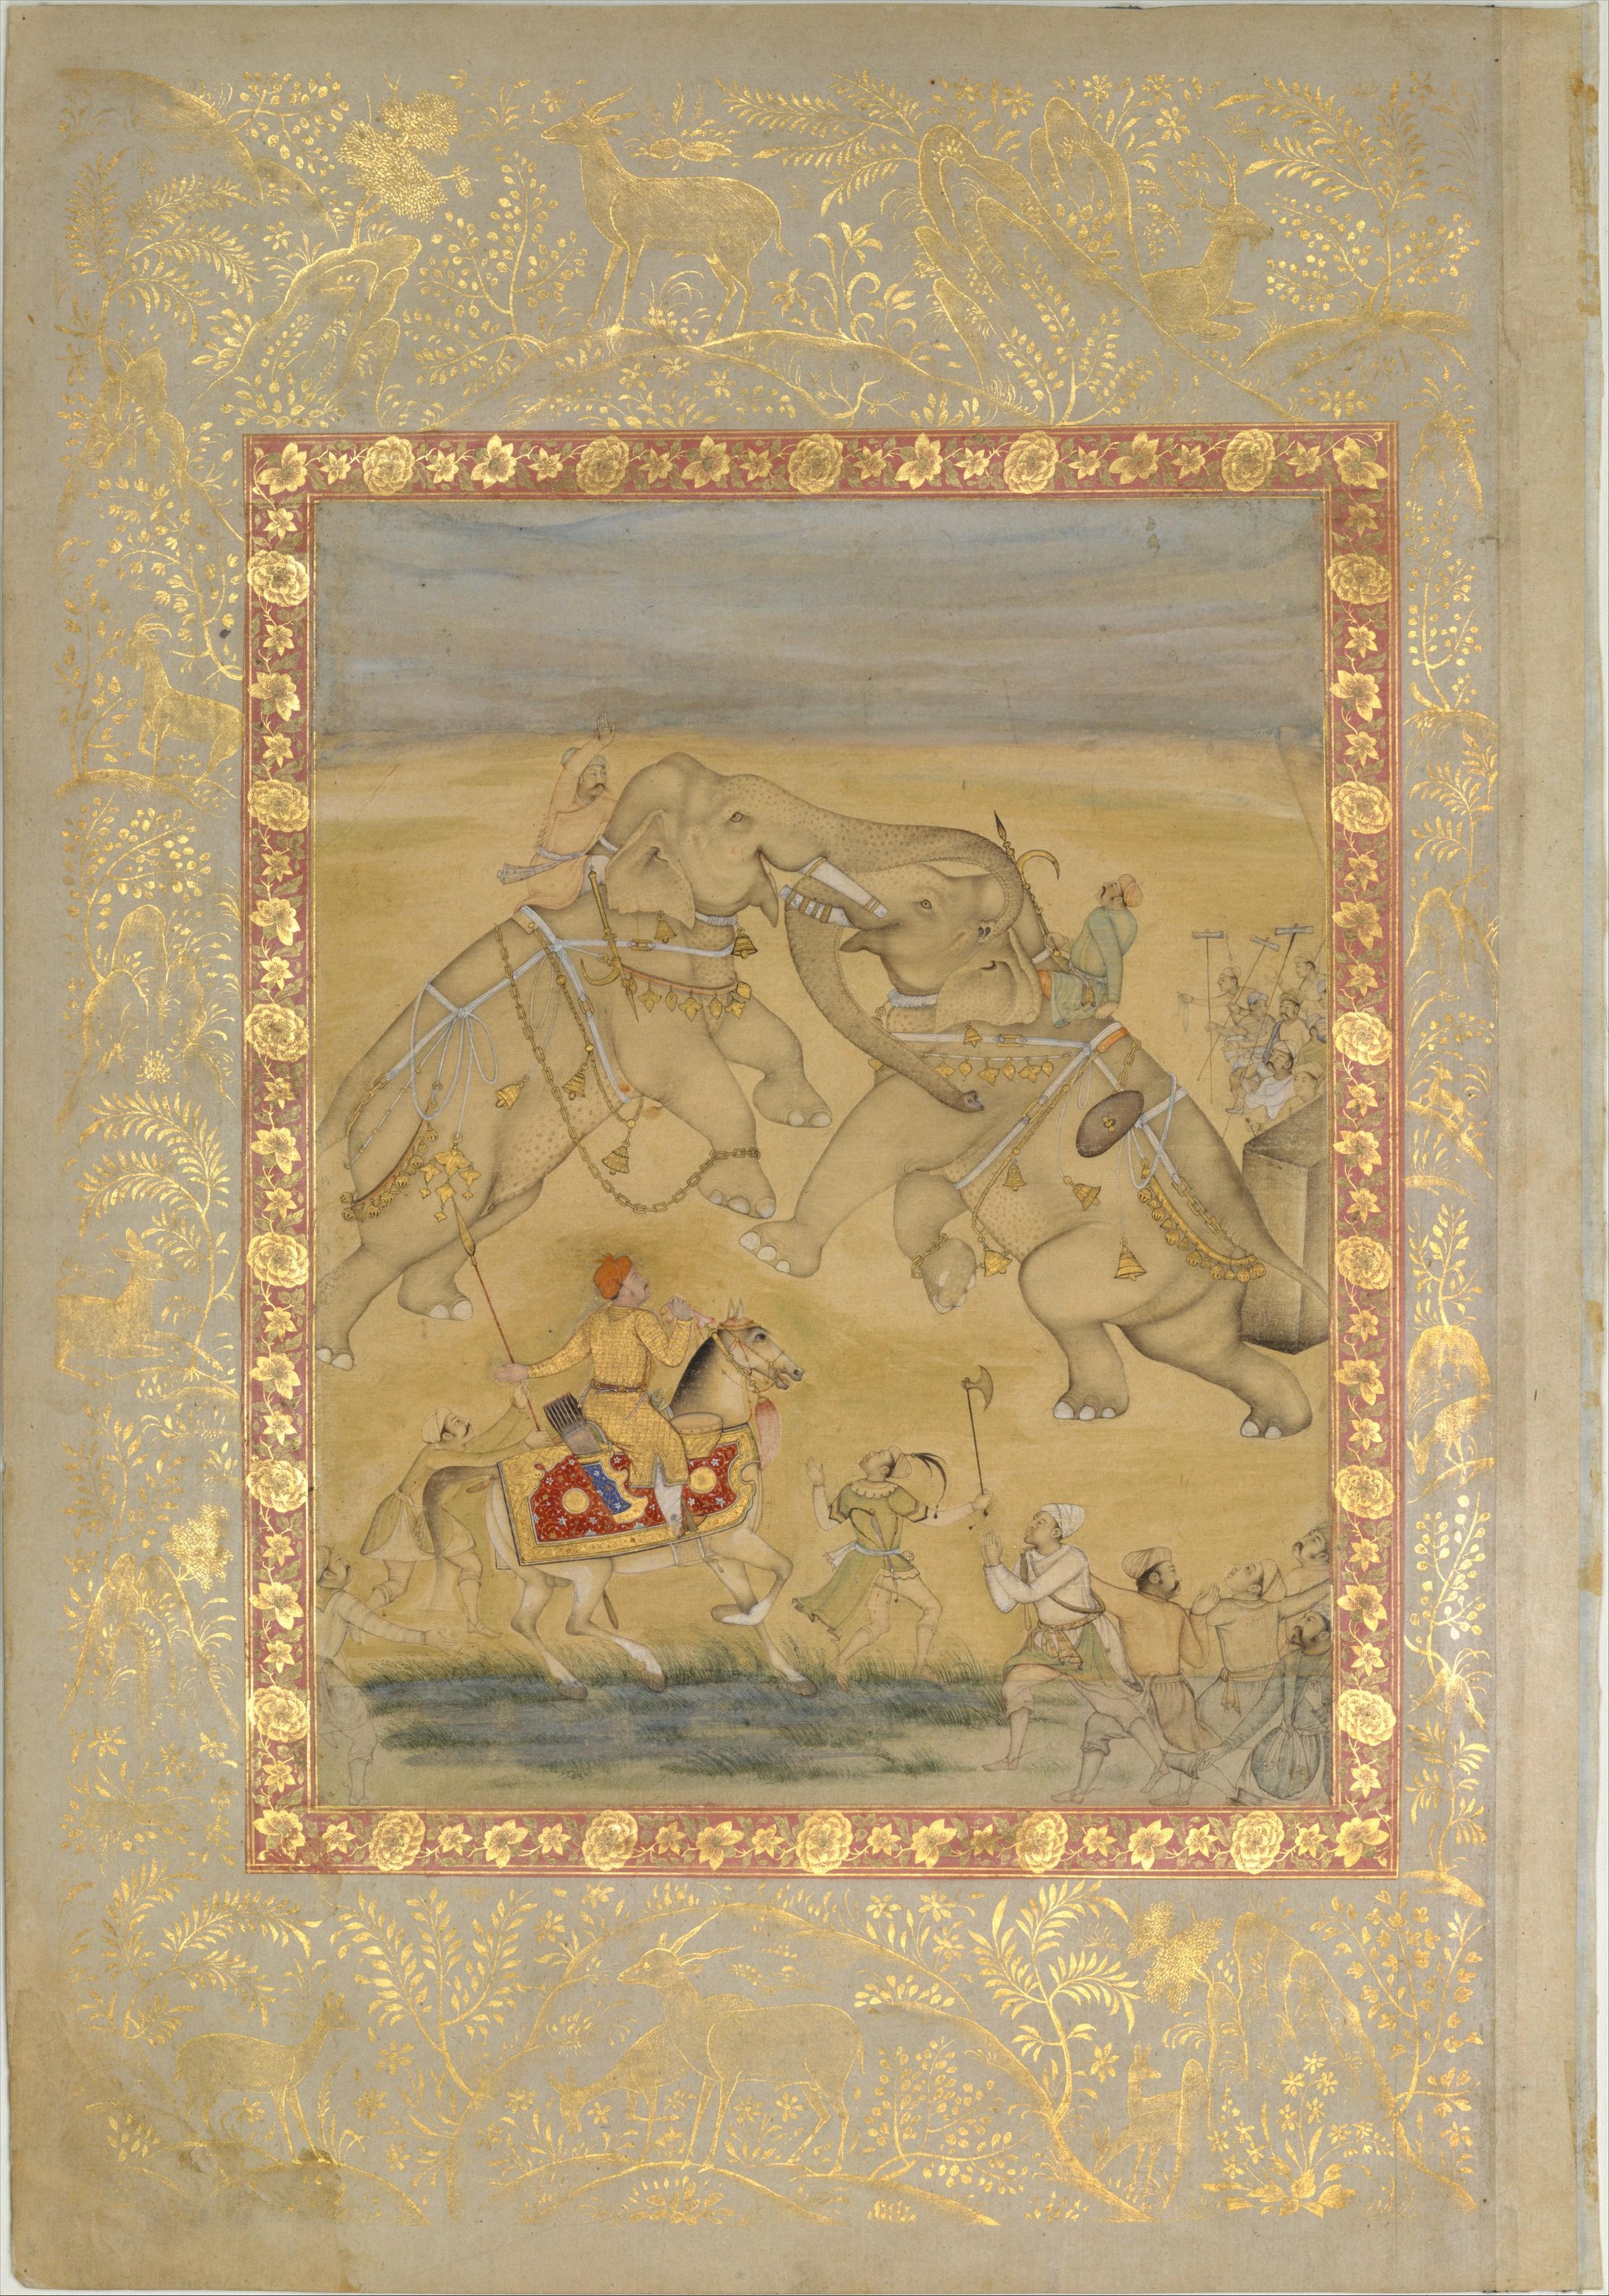 जहांगीर हाथियों की लड़ाई देखते हुए (1605) | साभार - मेट्रोपॉलिटन म्यूजियम ऑफ आर्ट